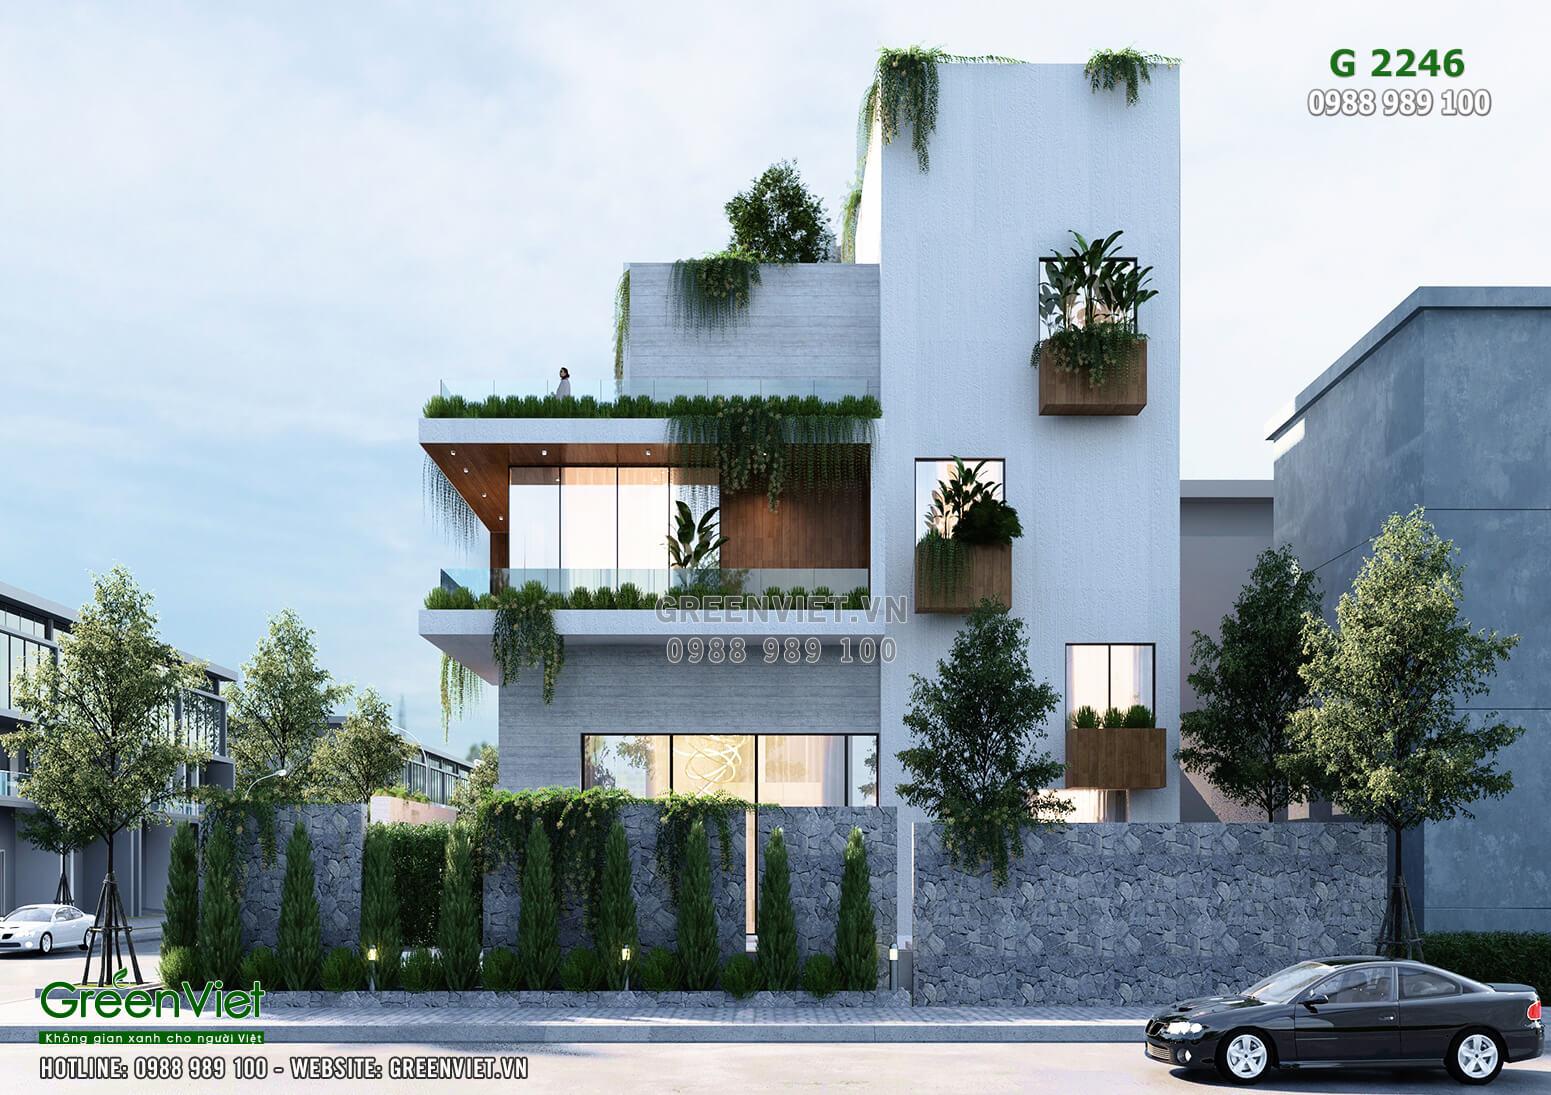 Thiết kế biệt thự hiện đại đẹp 4 tầng với không gian xanh - MS: Greenviet-2246